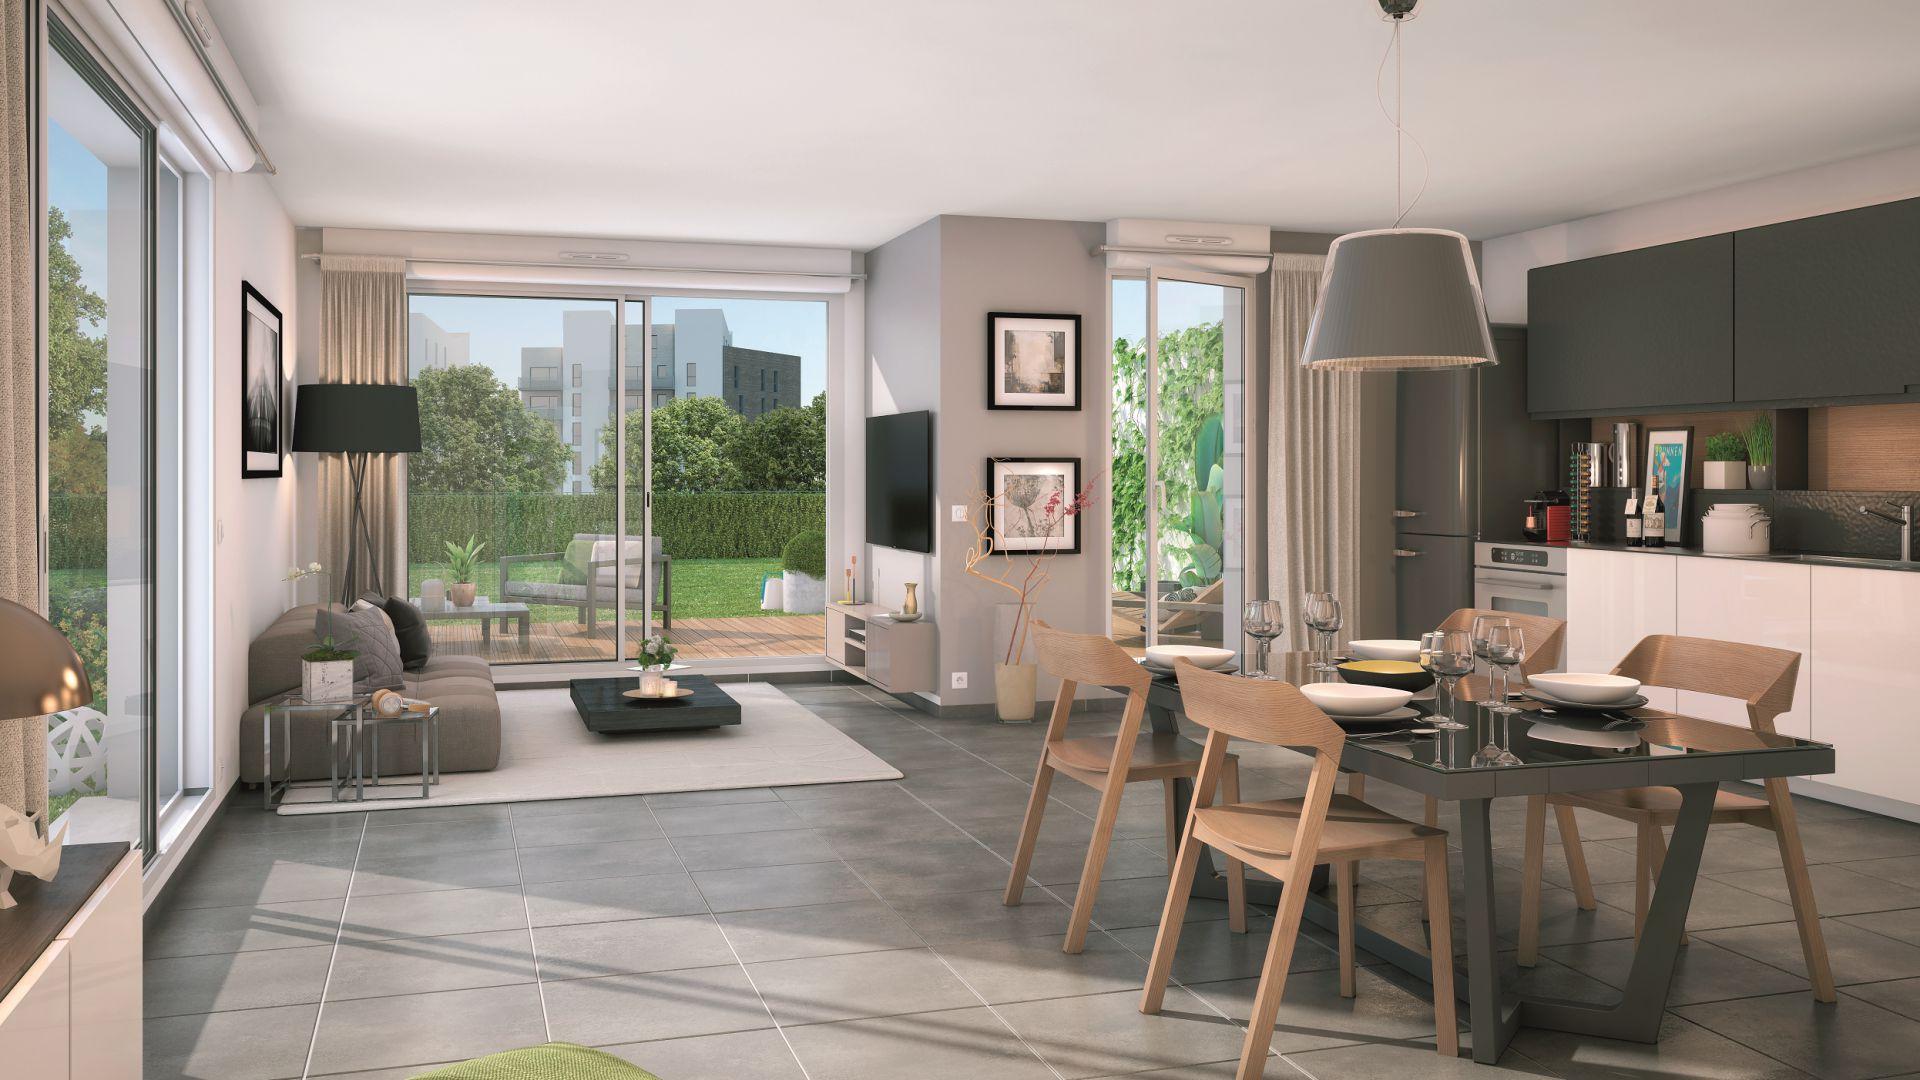 GreenCity immobilier - Blagnac-Beauzelle - 31700 - LB47 - appartements et villas - T2 - T3 - T4 -T5 - villa T5 intérieur